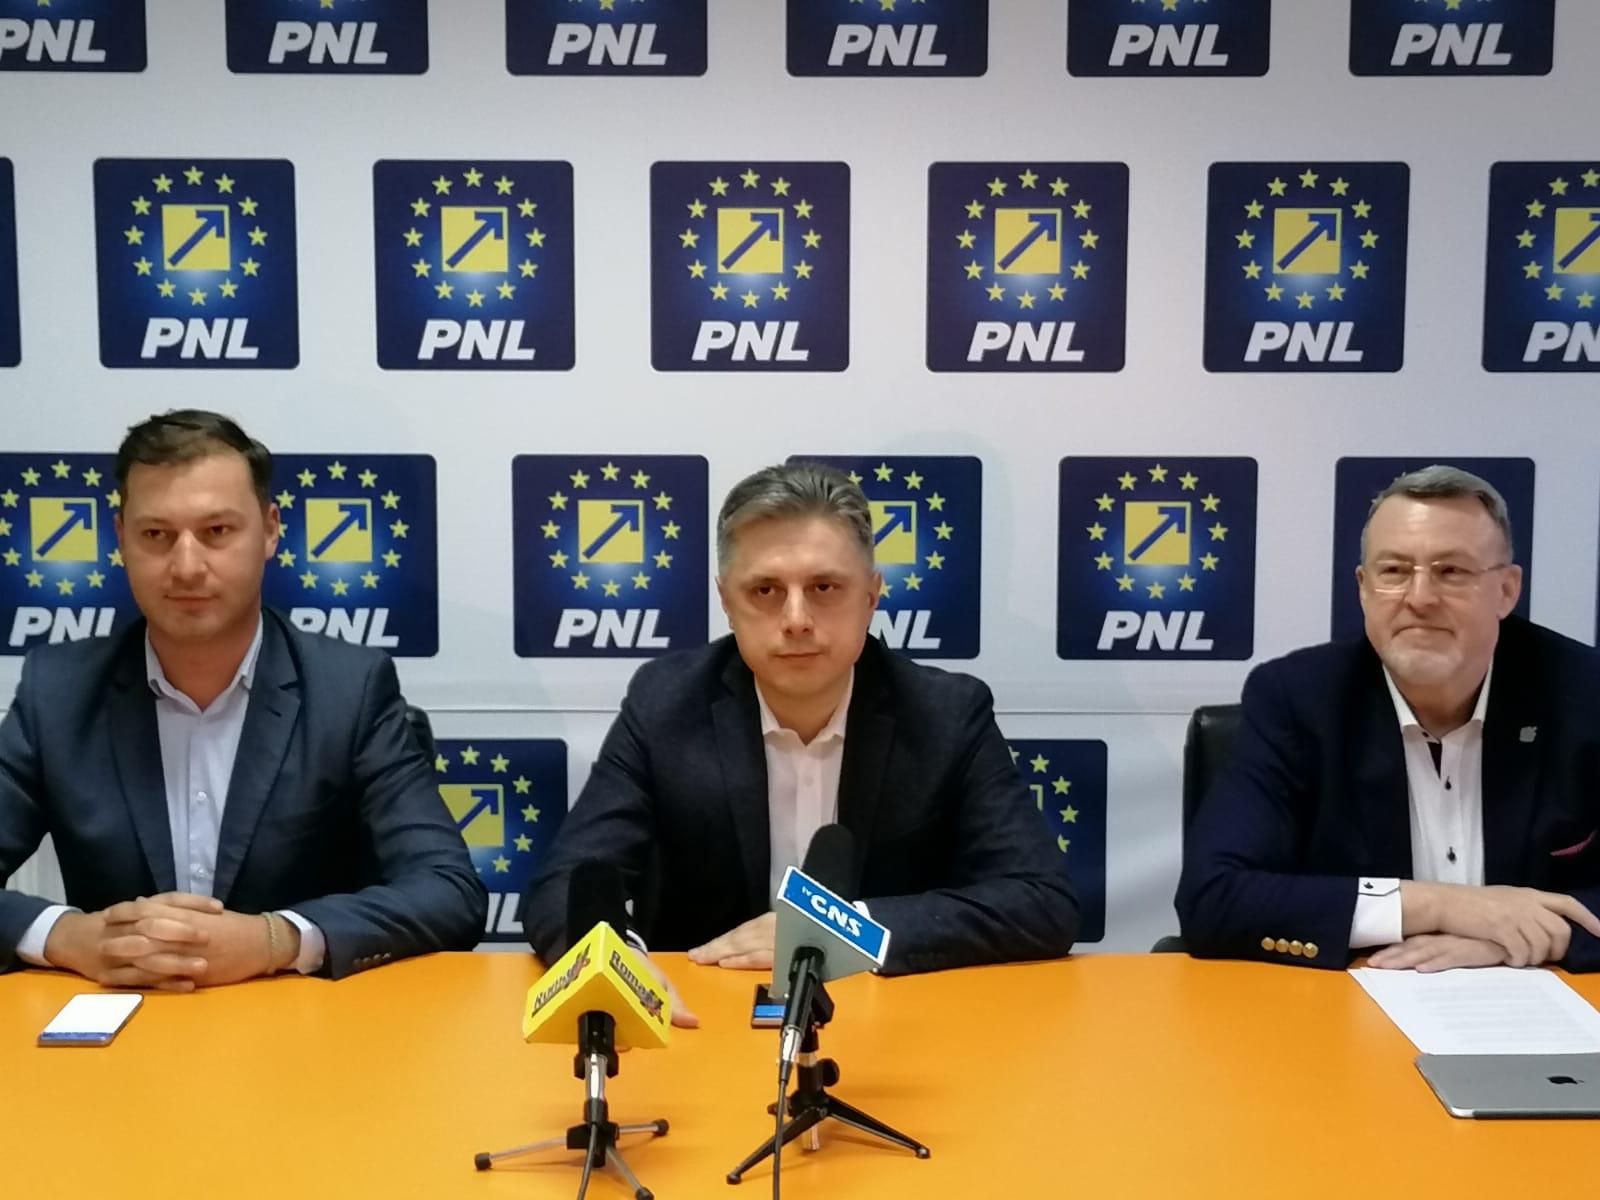 """Președintele PNL Neamț, Mugur Cozmanciuc: """"Fac un apel la toți cetățenii cu drept de vot din Neamț să voteze Klaus Iohannis în turul al doilea al alegerilor prezidențiale"""""""